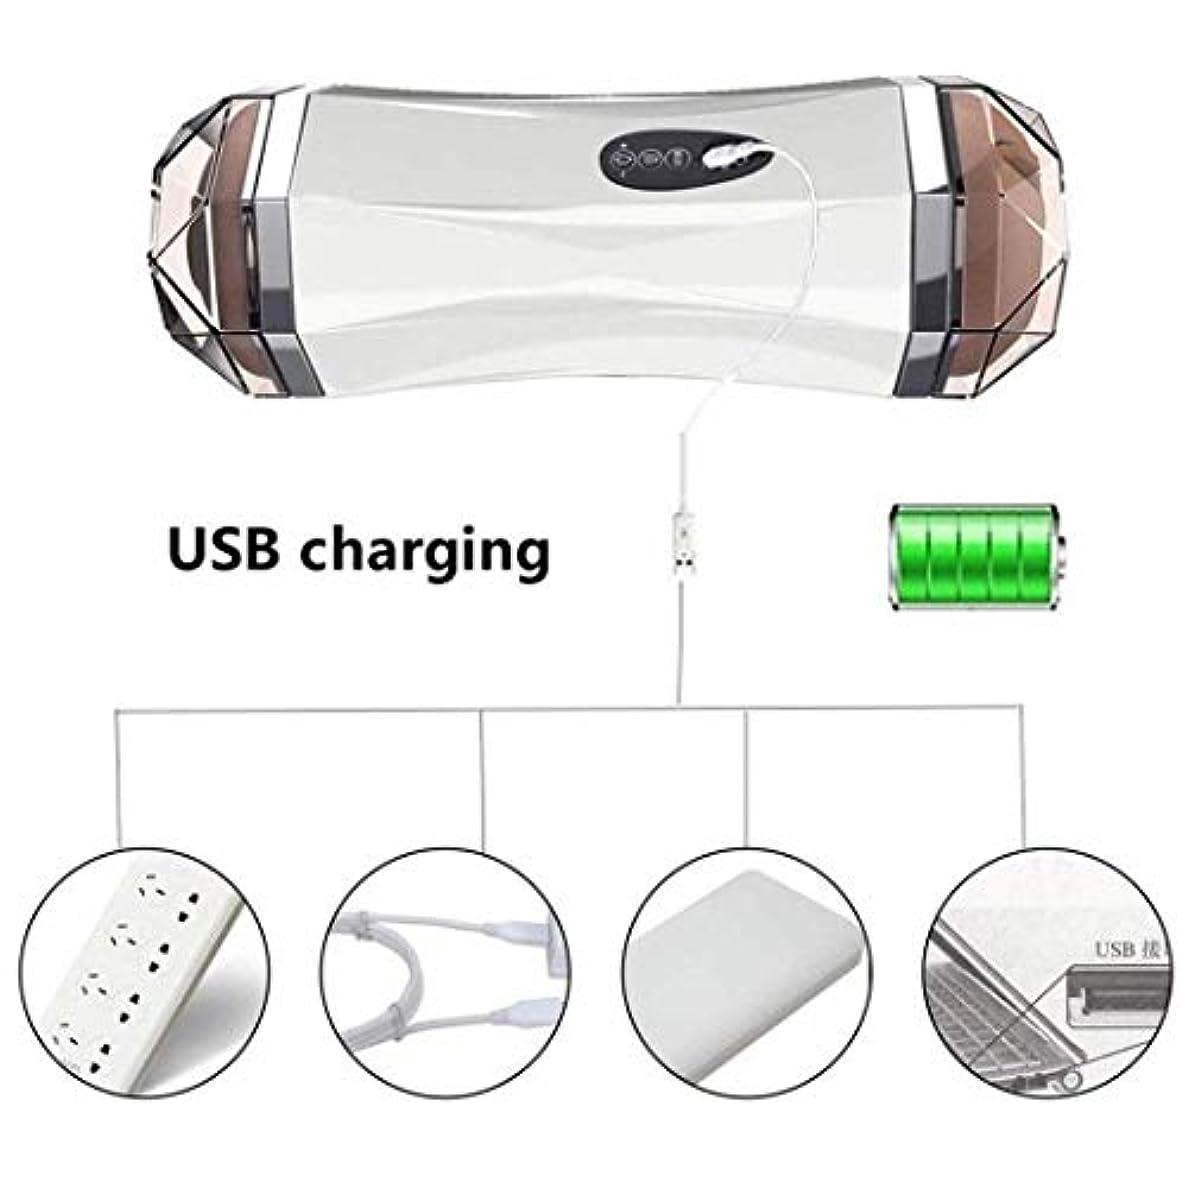 ゲインセイプログレッシブ大腿MCAZMSG USB Rechargable Handheld Body Massager for Pain Relief and Muscle Relaxation、Promo、Blood Circulation Massager